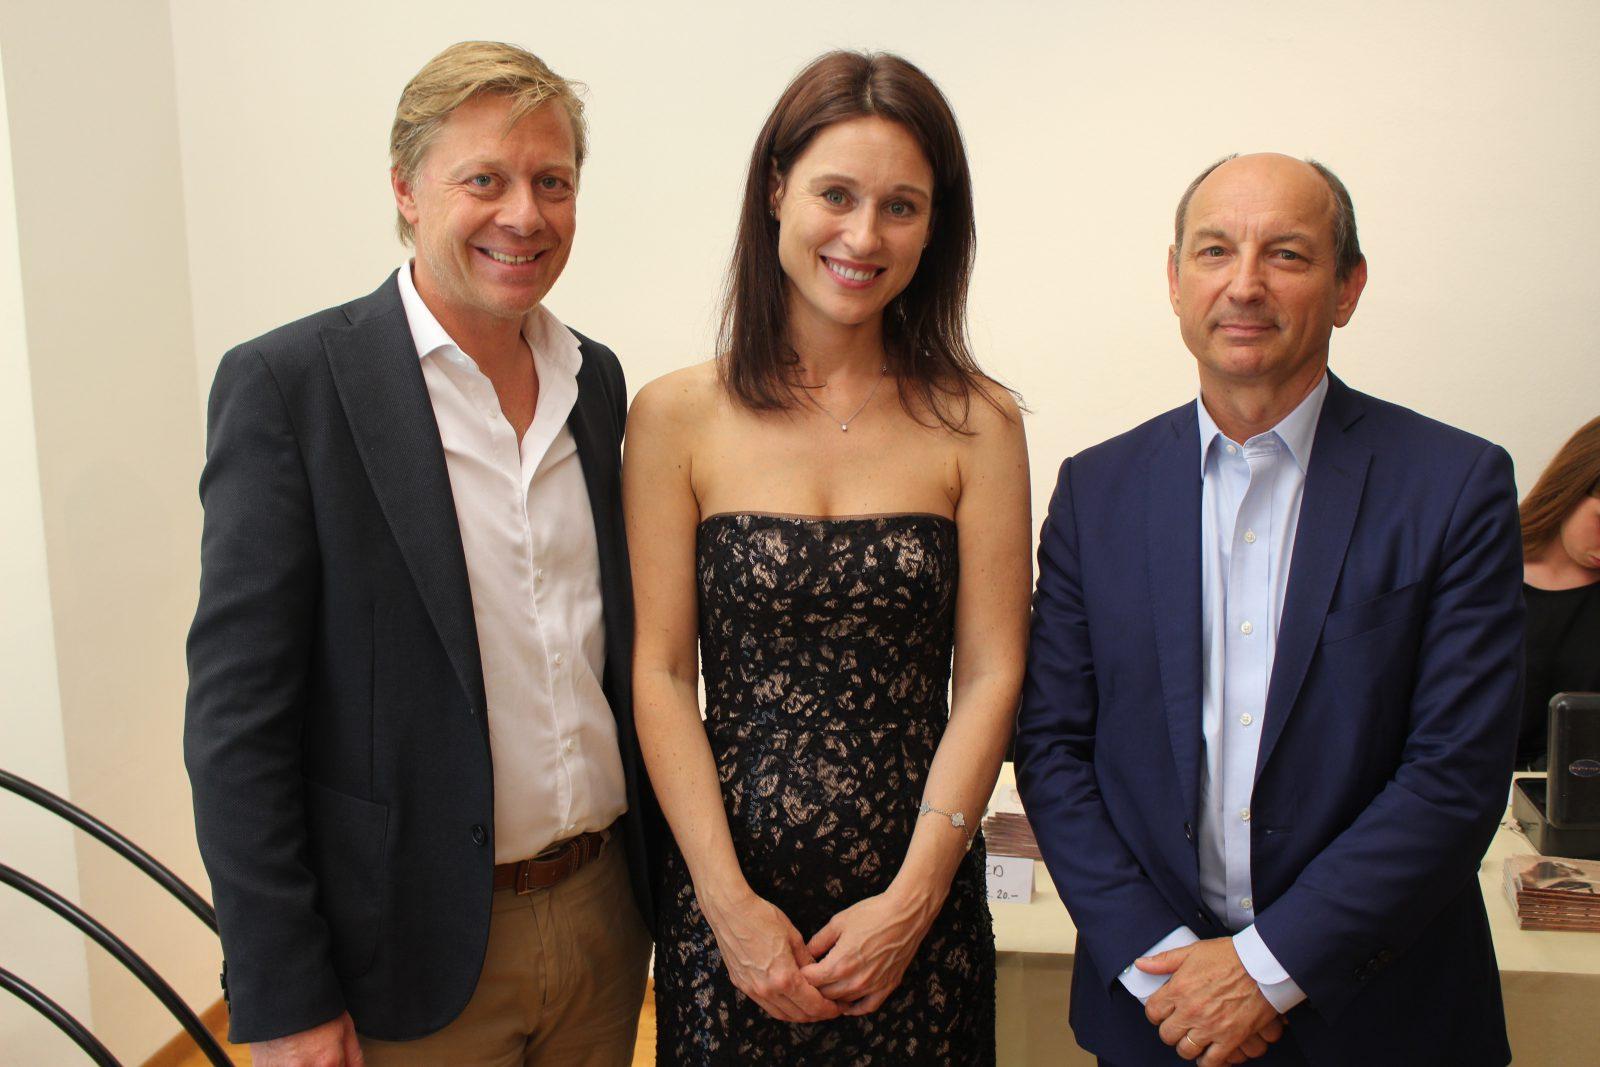 Irina Lankova en compagnie de Messieurs Olivier Mancassola, Directeur des «Editions Mancassola à Lausanne», et Olivier d'Agay, petit-neveu d'Antoine de Saint-Exupéry